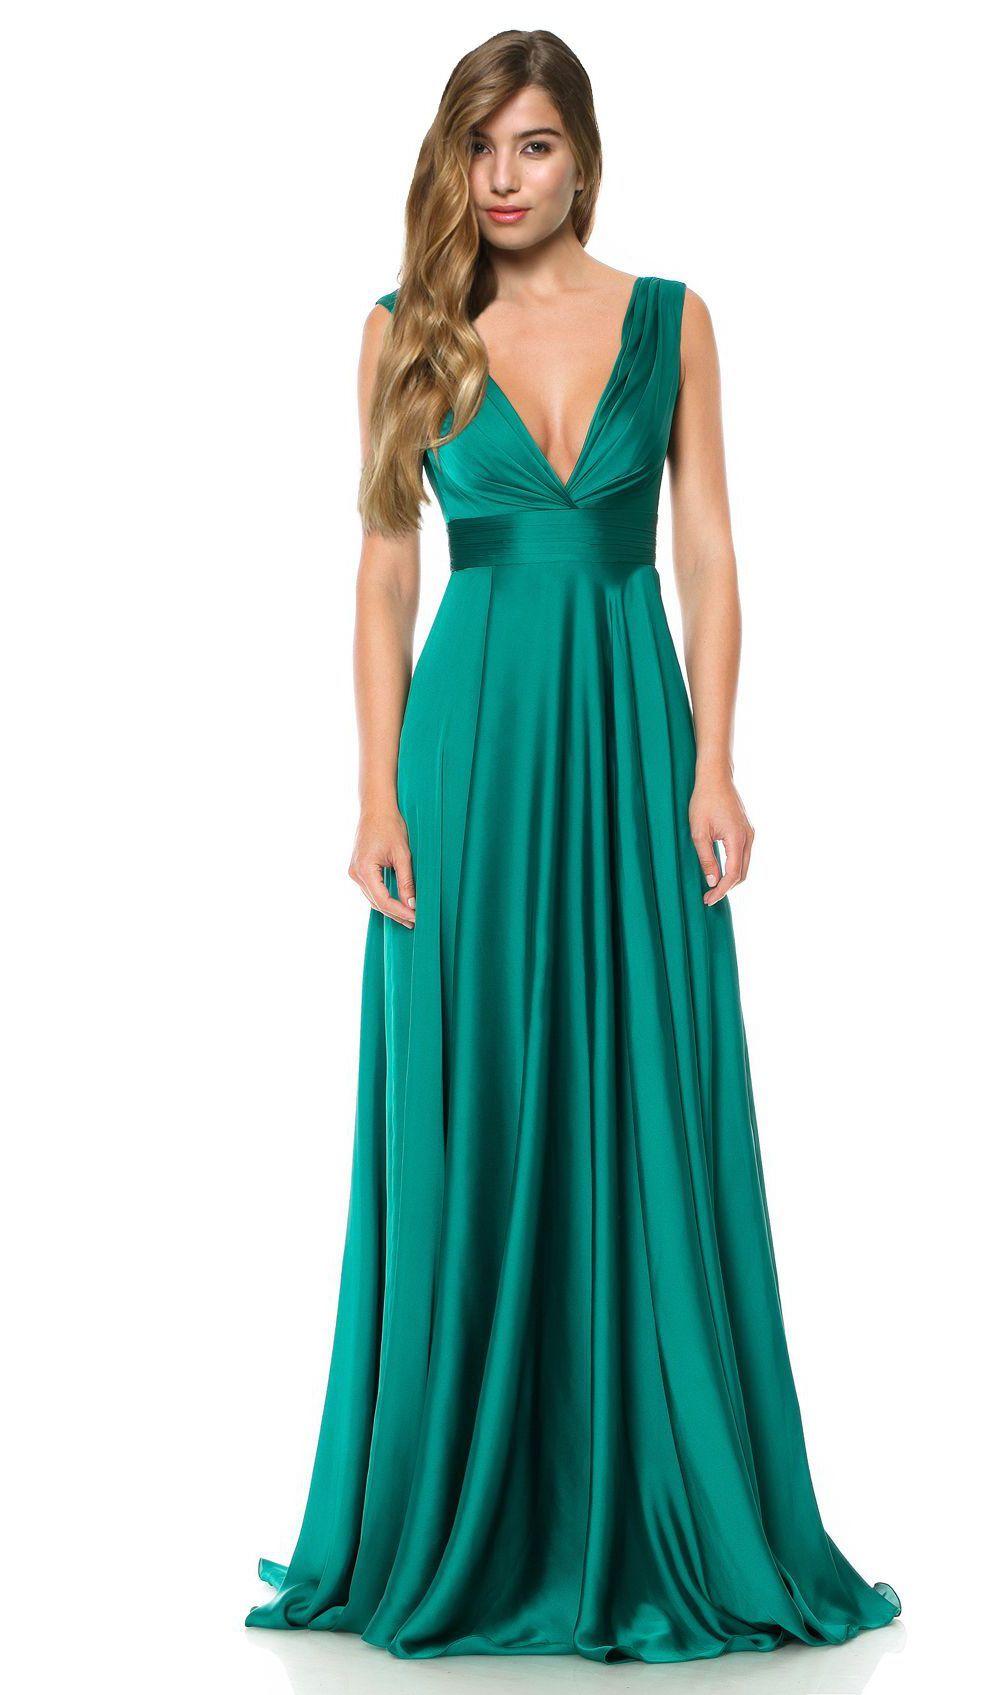 ed90f828ab112 Alugue vestidos de Cristallini   Vestido longo em verde-esmeralda Mais